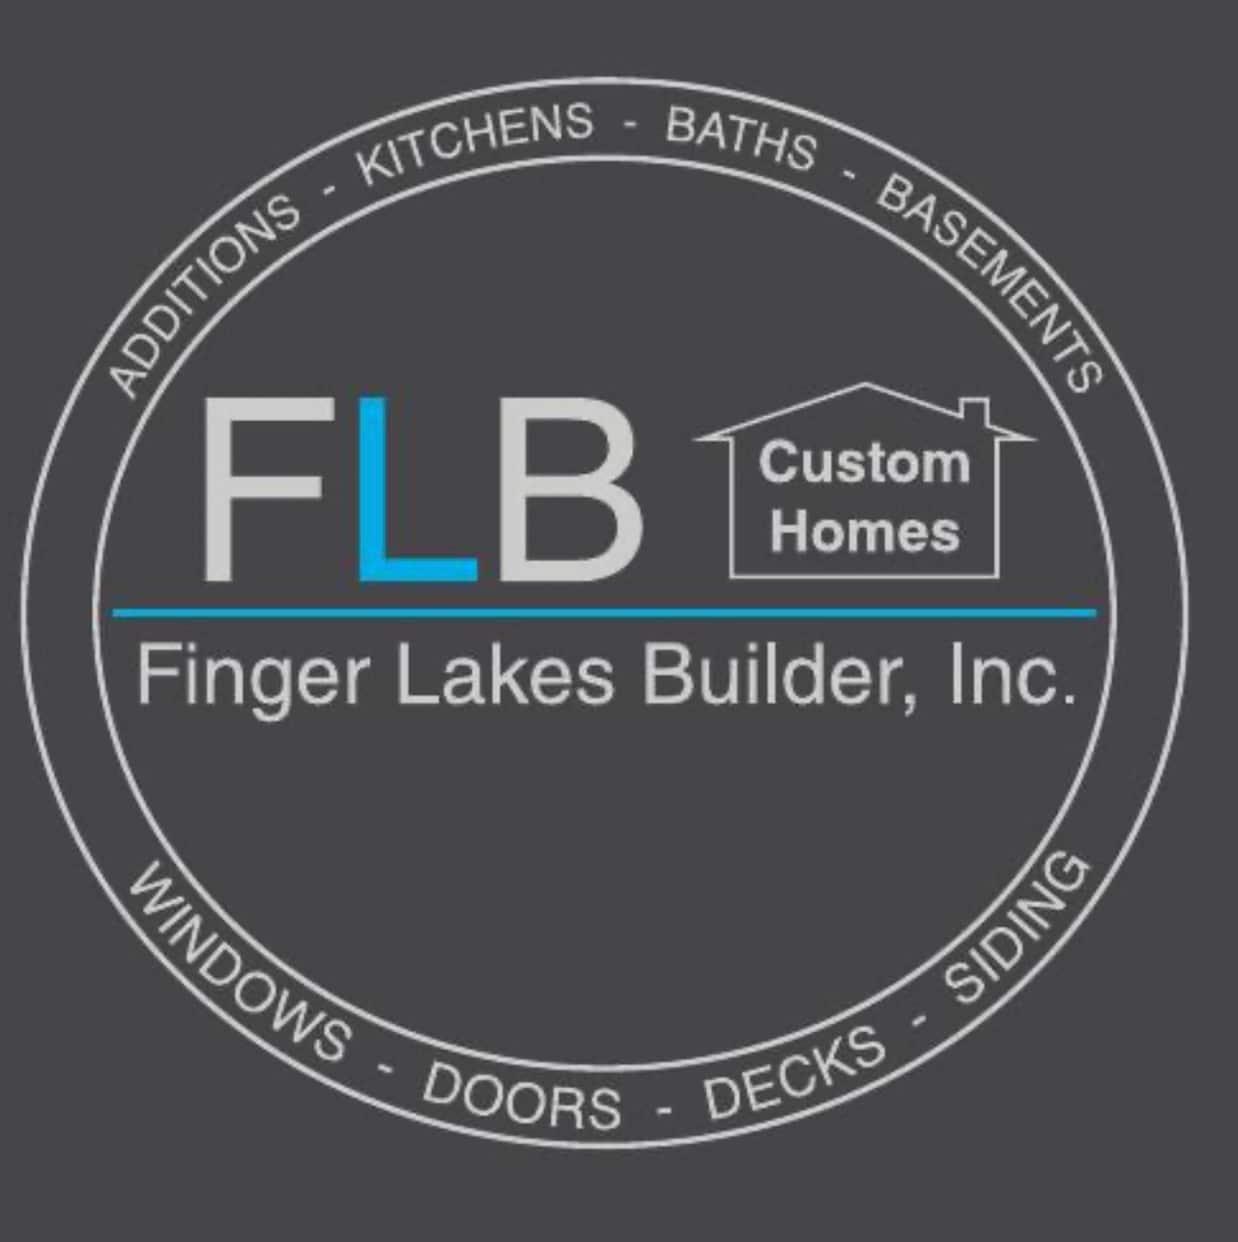 Finger Lakes Builder logo